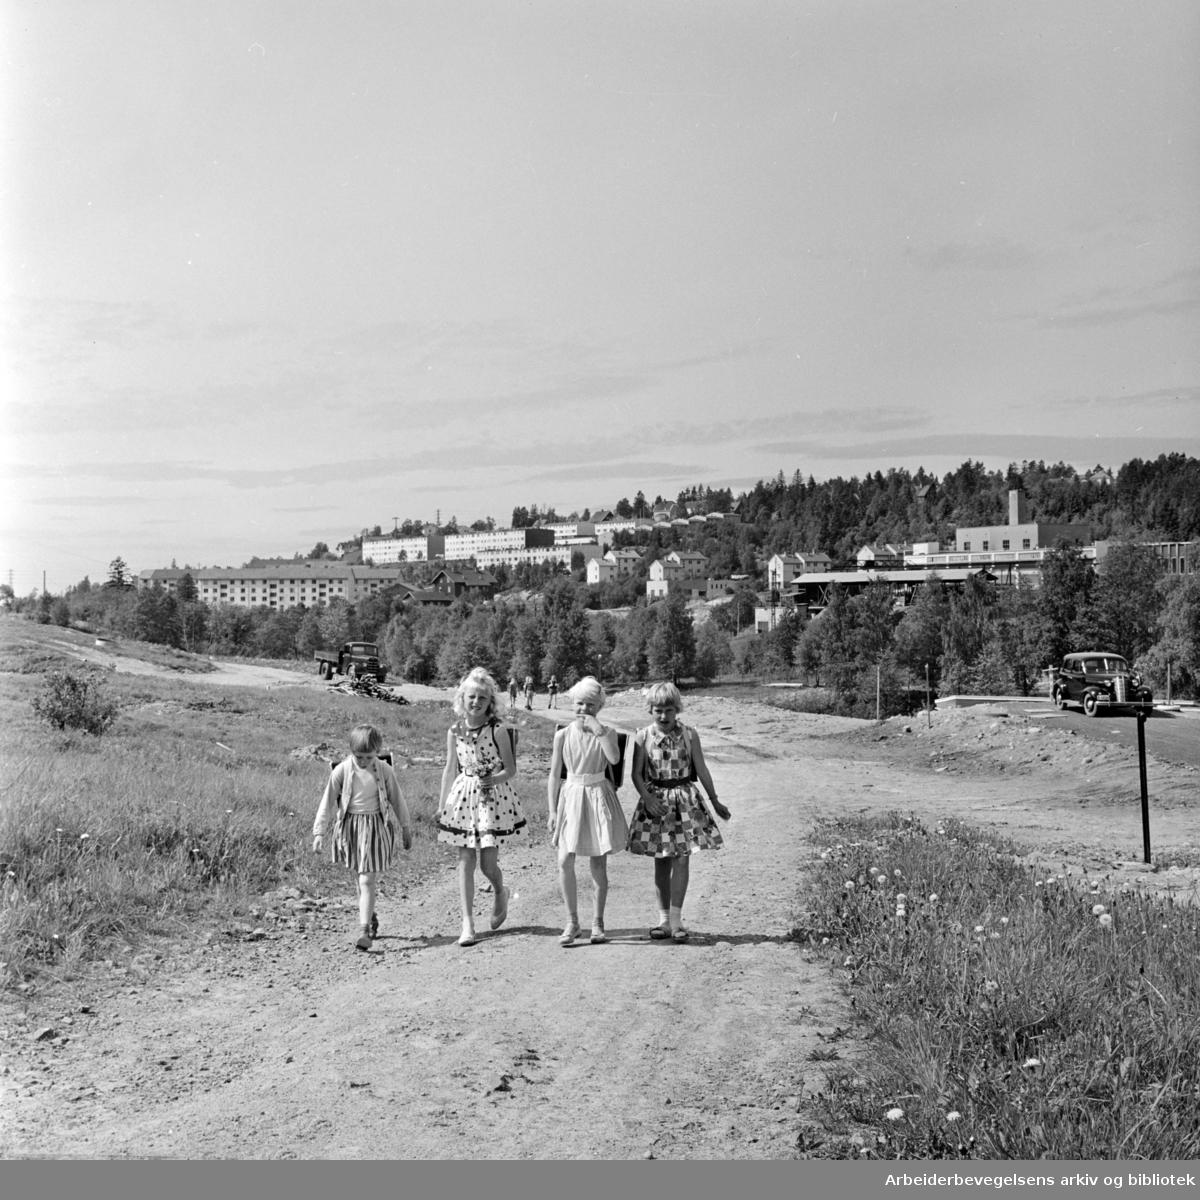 """Nydalen: """"På nordkalotten i Nydalen"""". Juni 1962"""